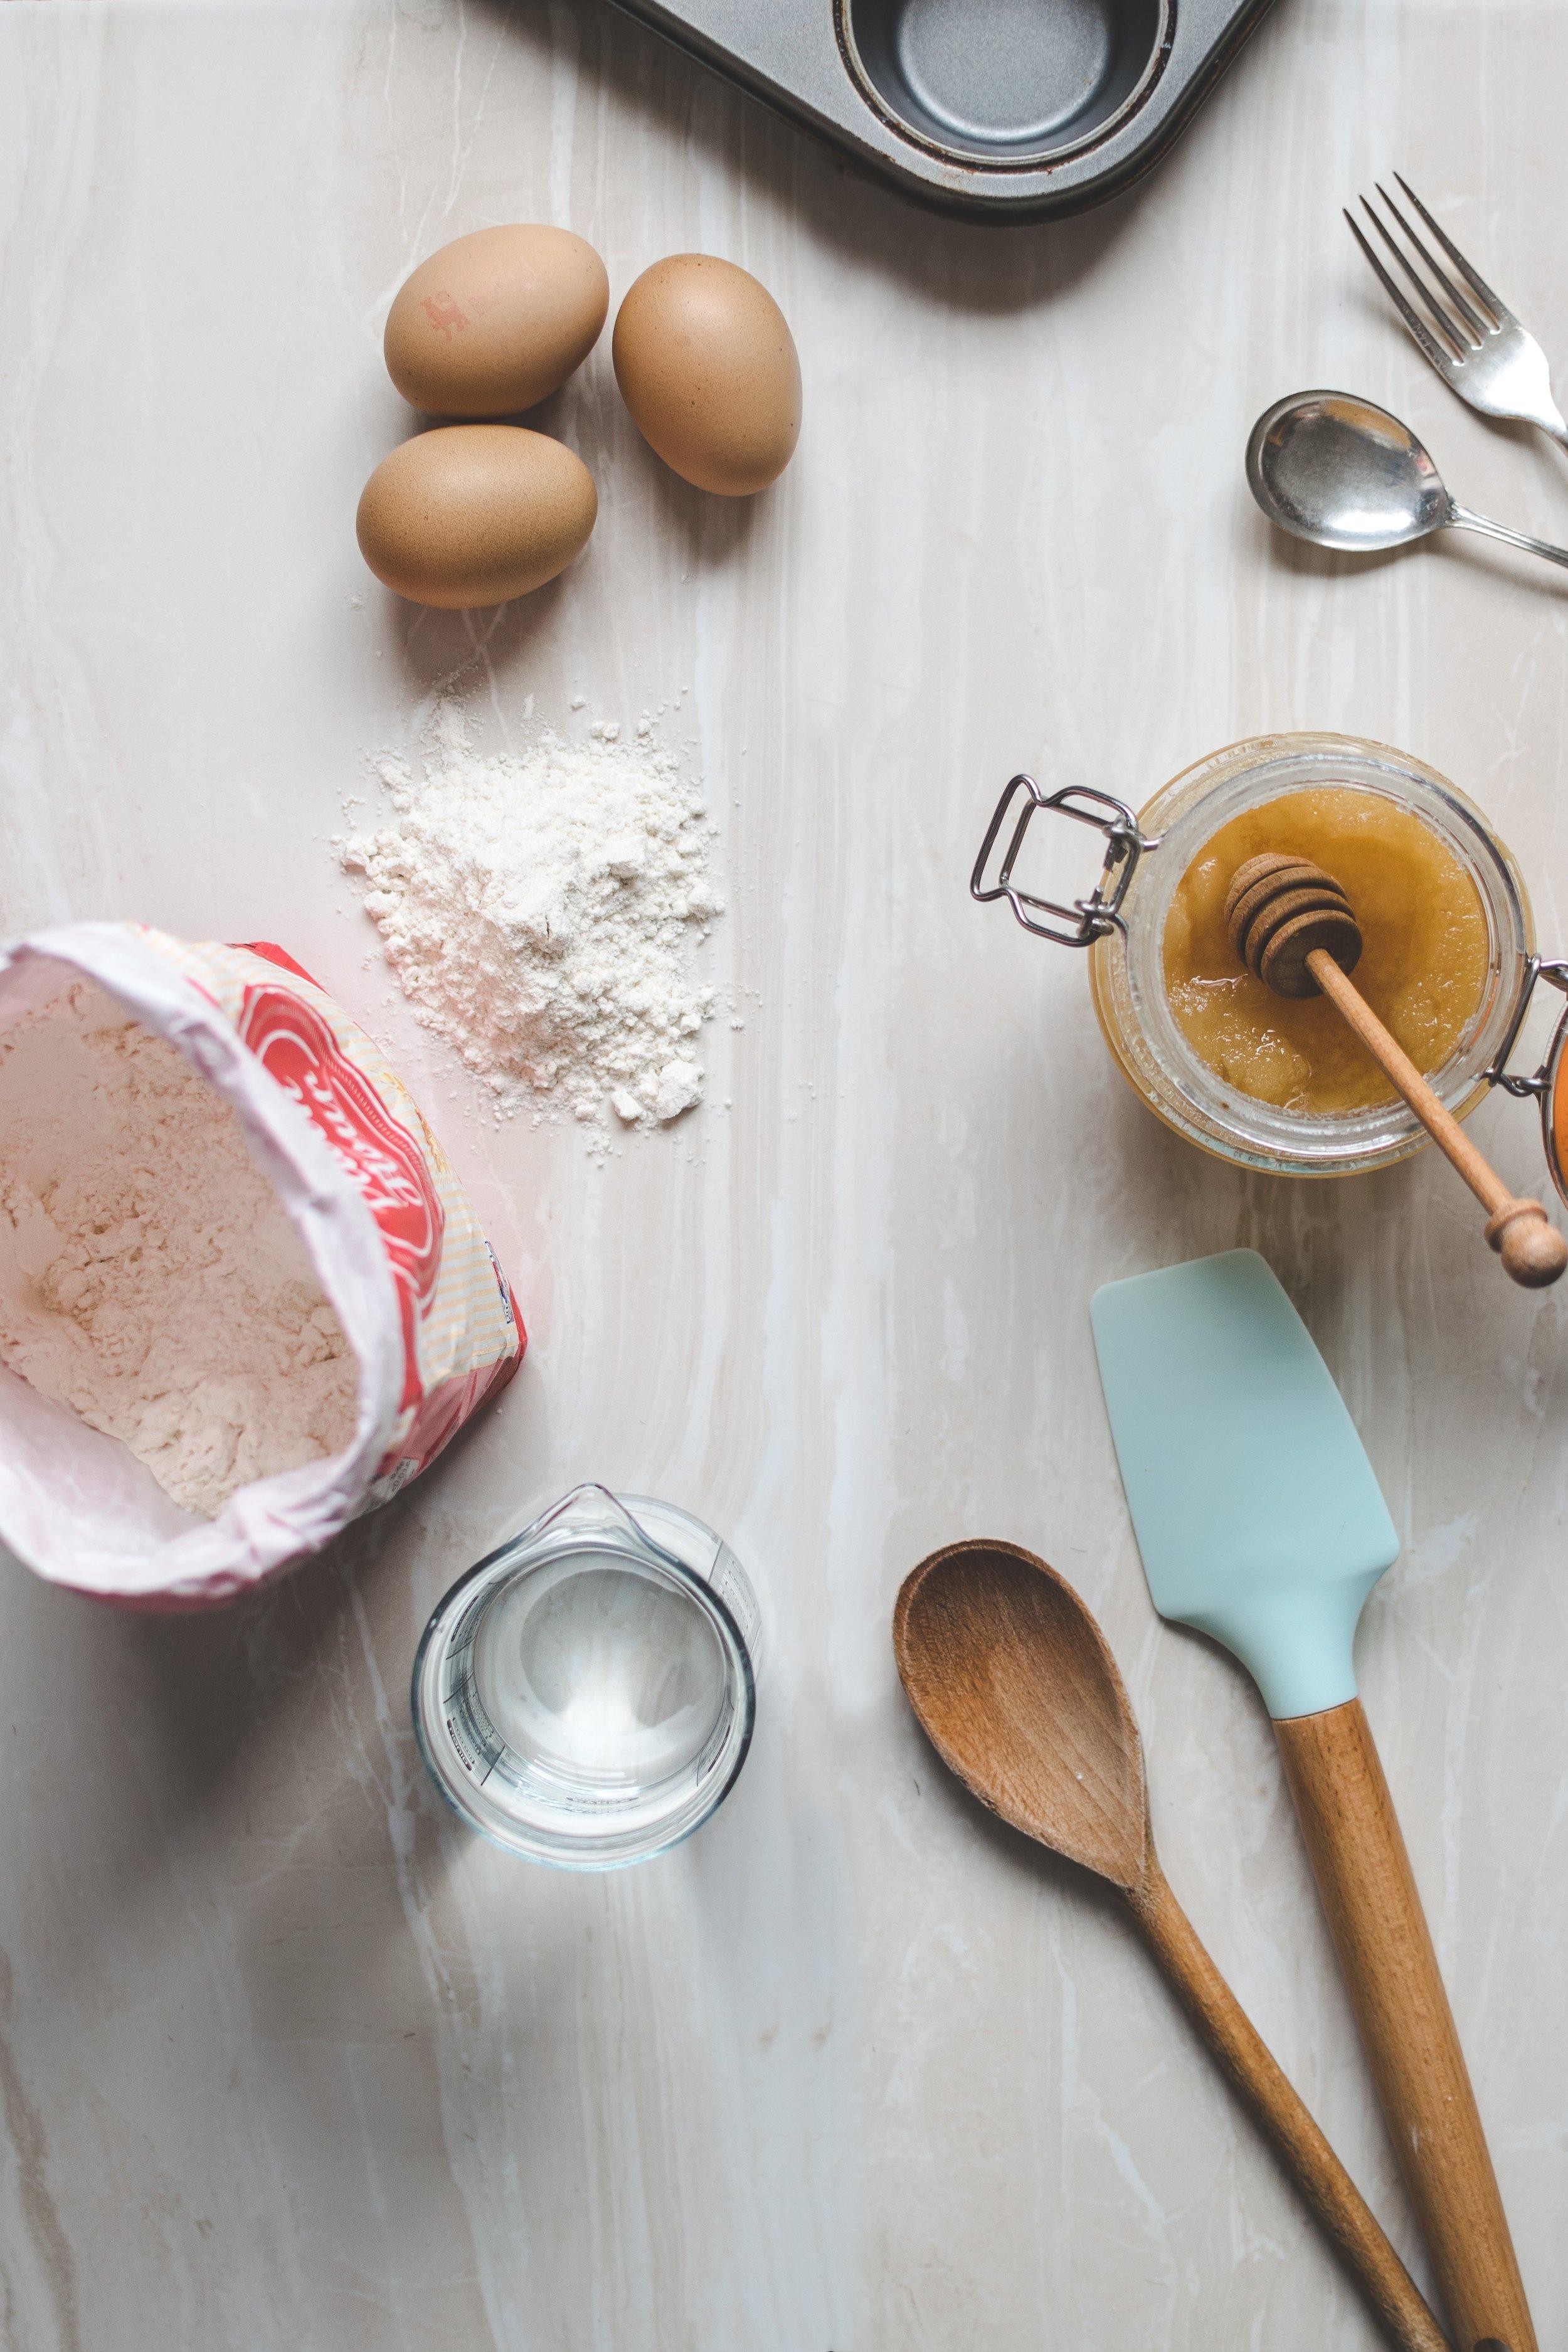 FAVORITES - Shop my kitchen